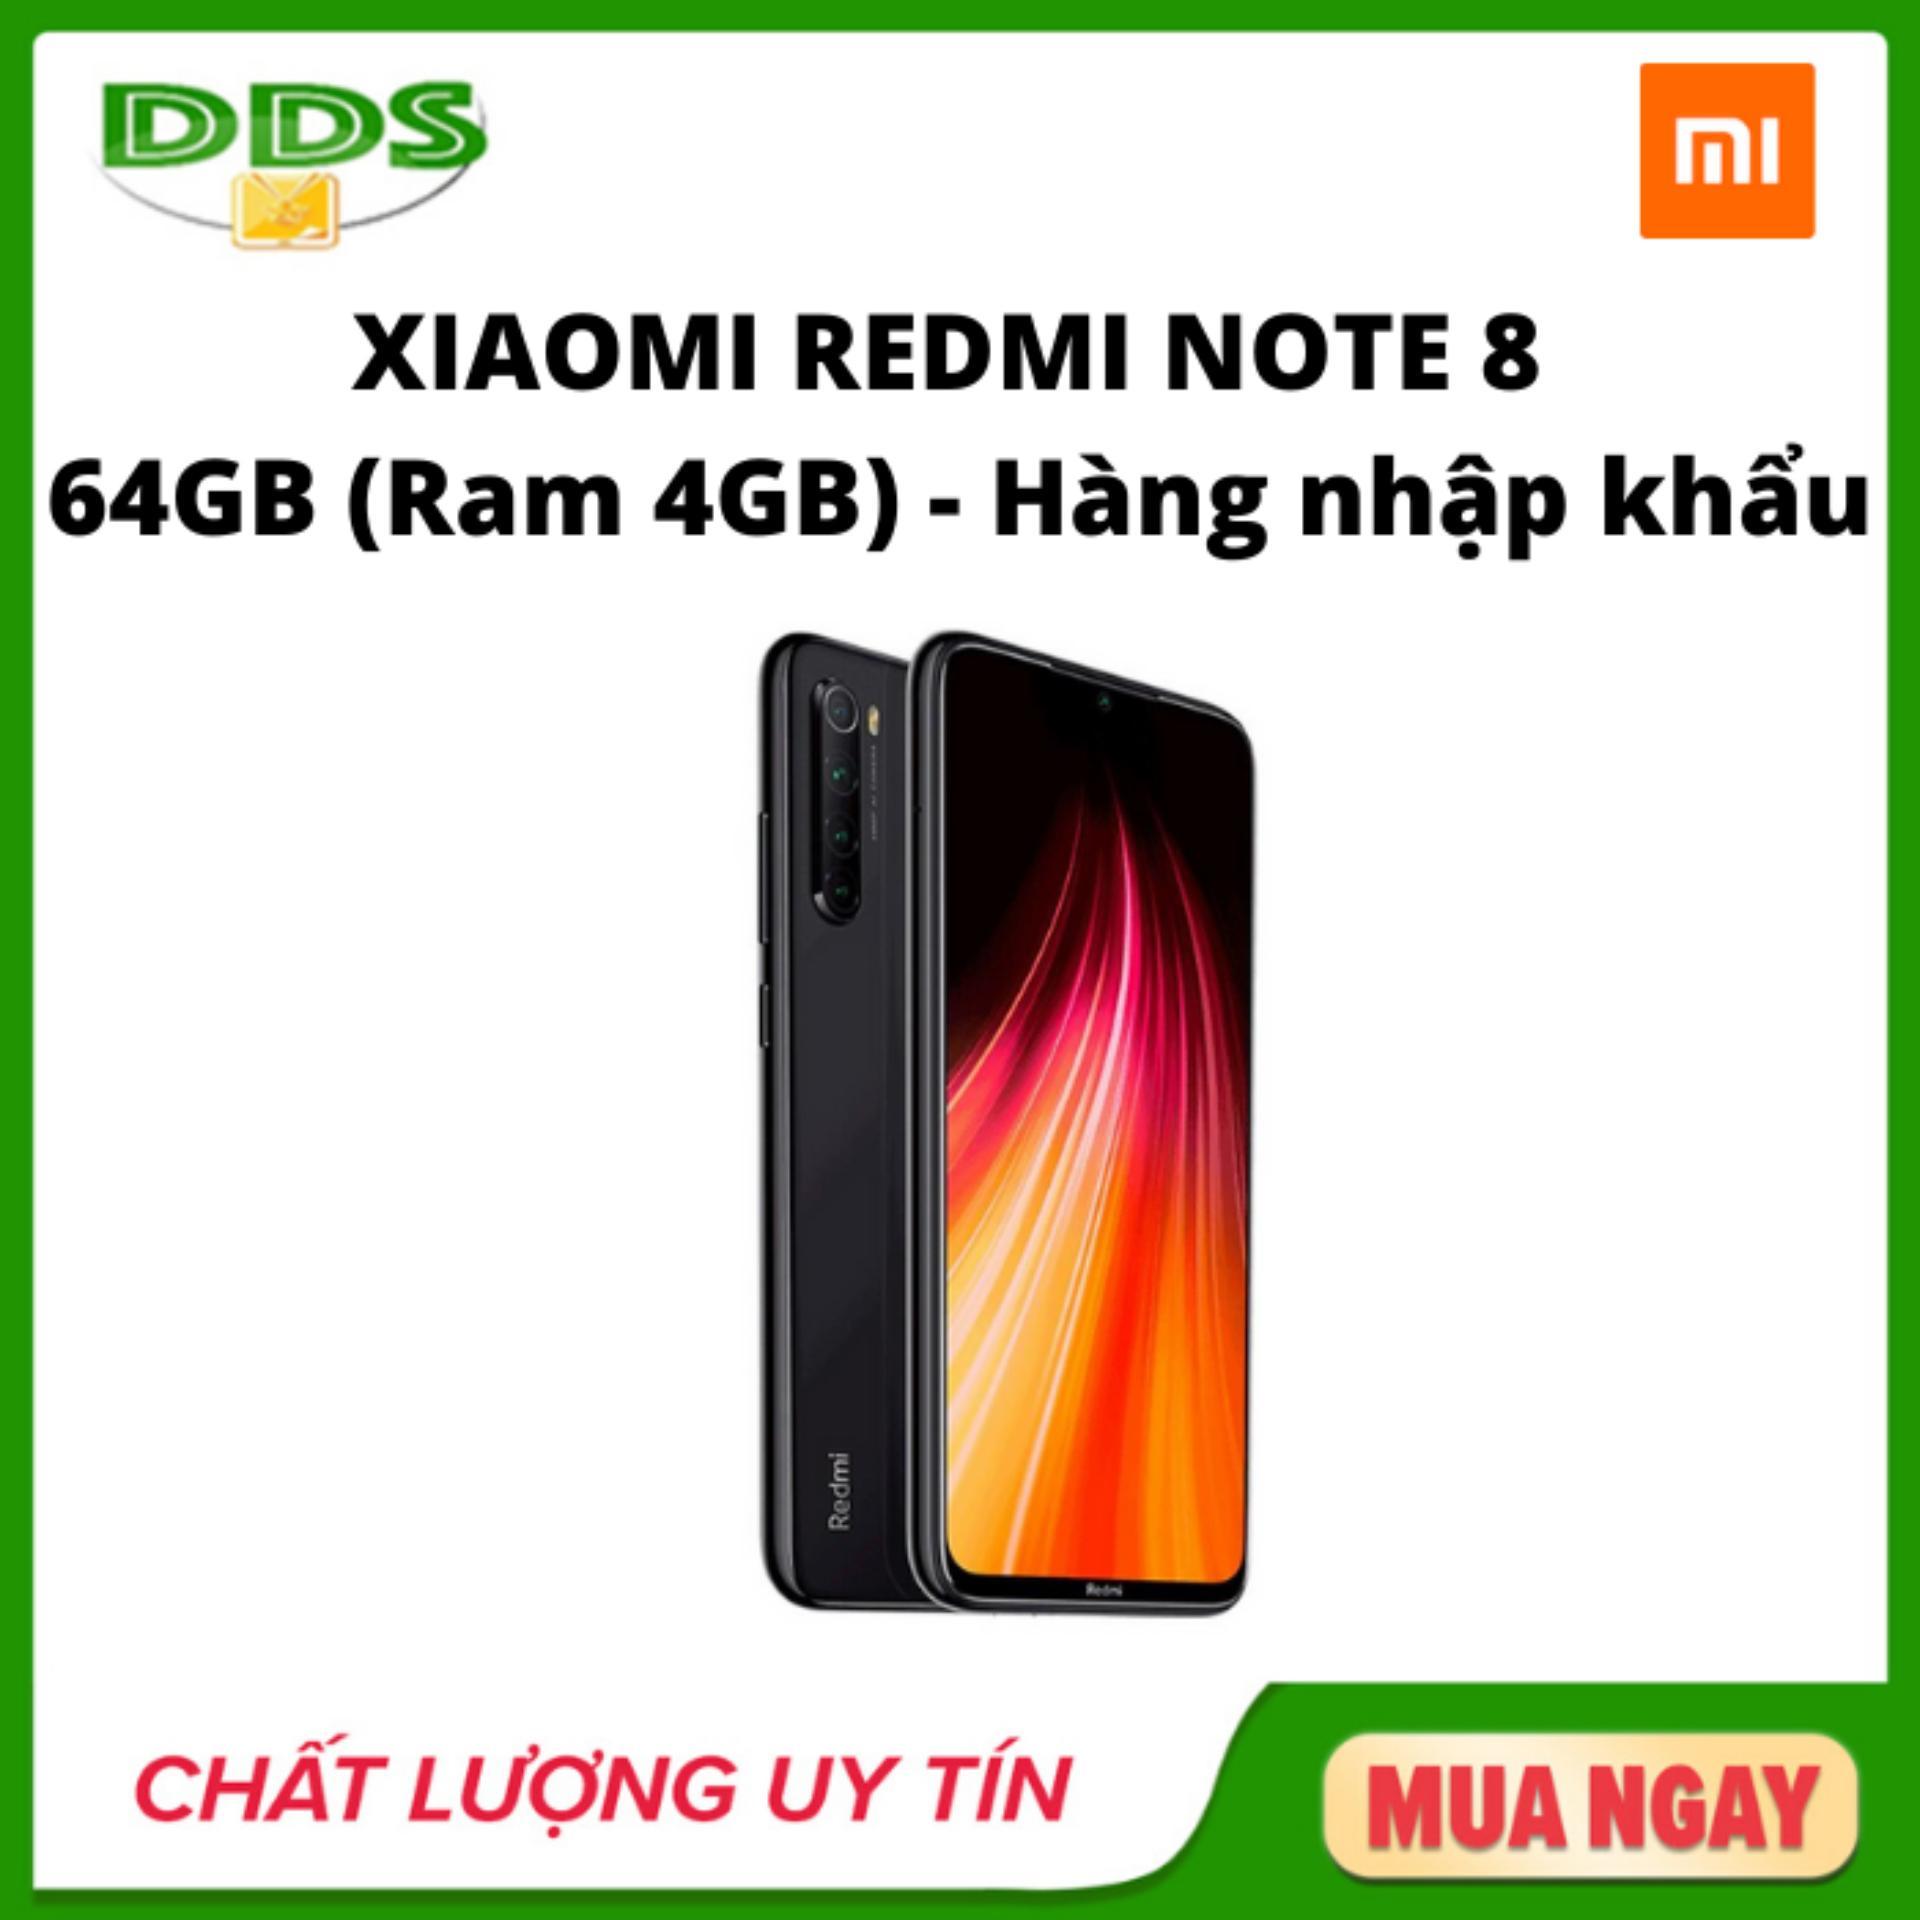 Xiaomi Redmi Note 8 Ram 4GB 64GB - Hàng nhập khẩu